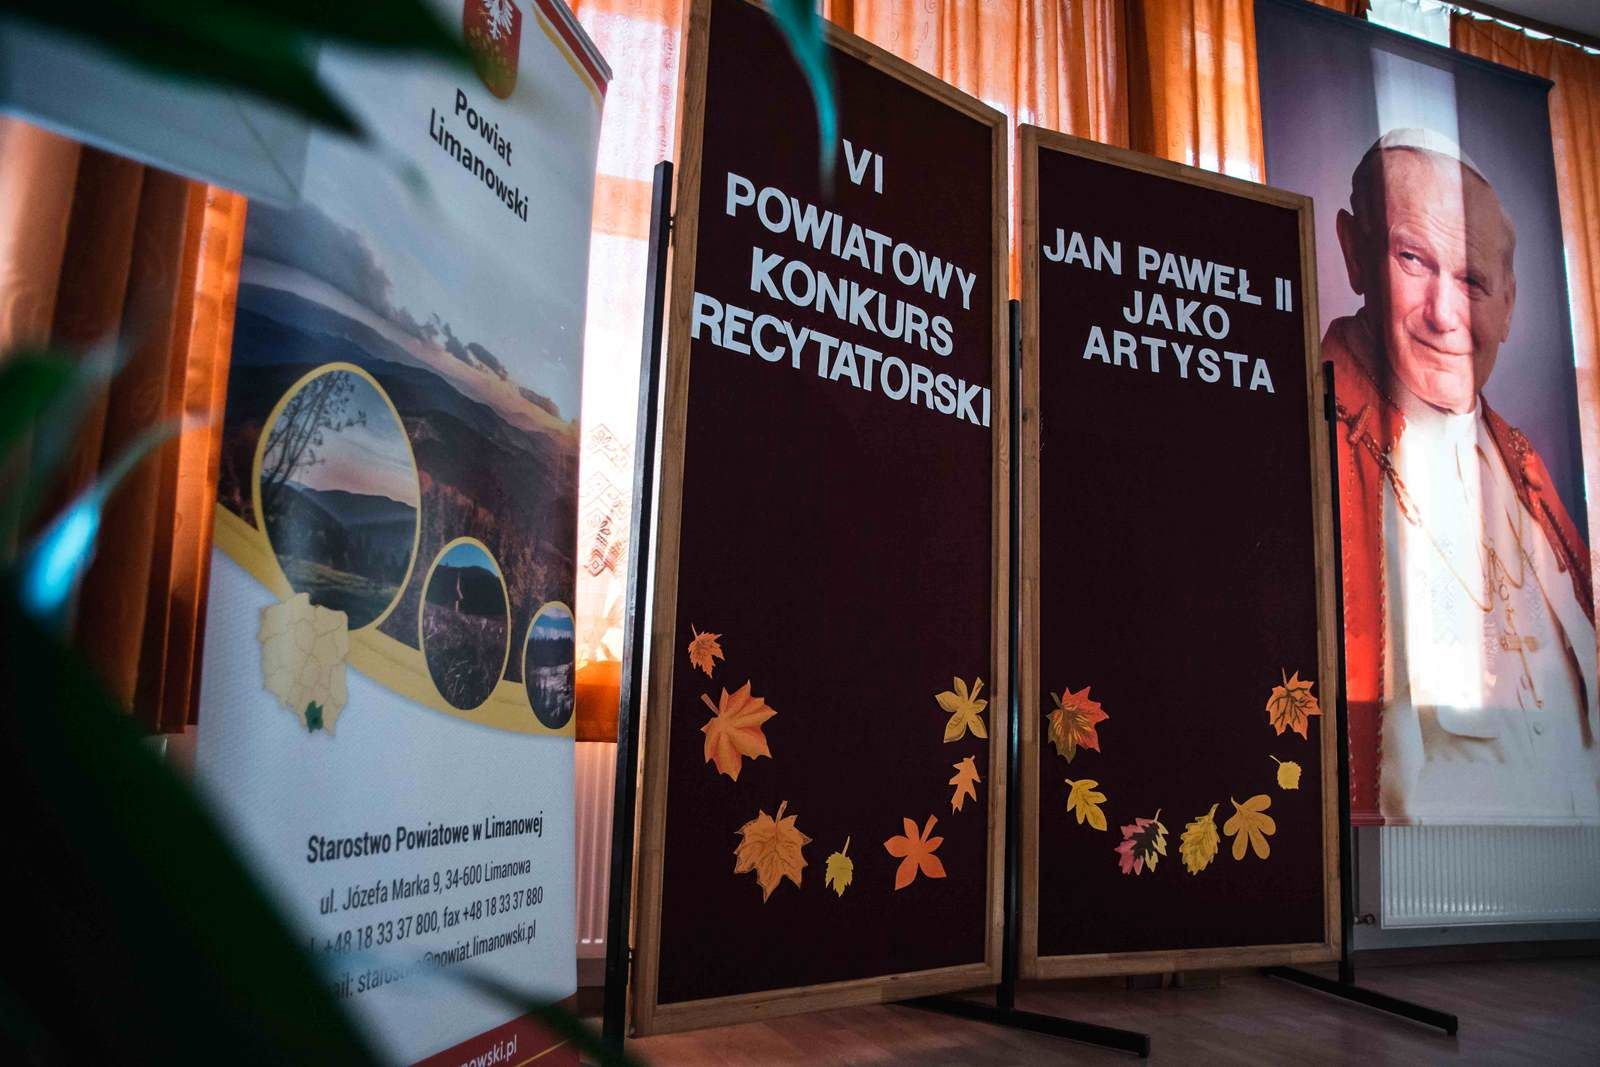 """VI Powiatowy Konkurs Recytatorski """"Jan Paweł II jako artysta"""" - zdjęcie główne"""